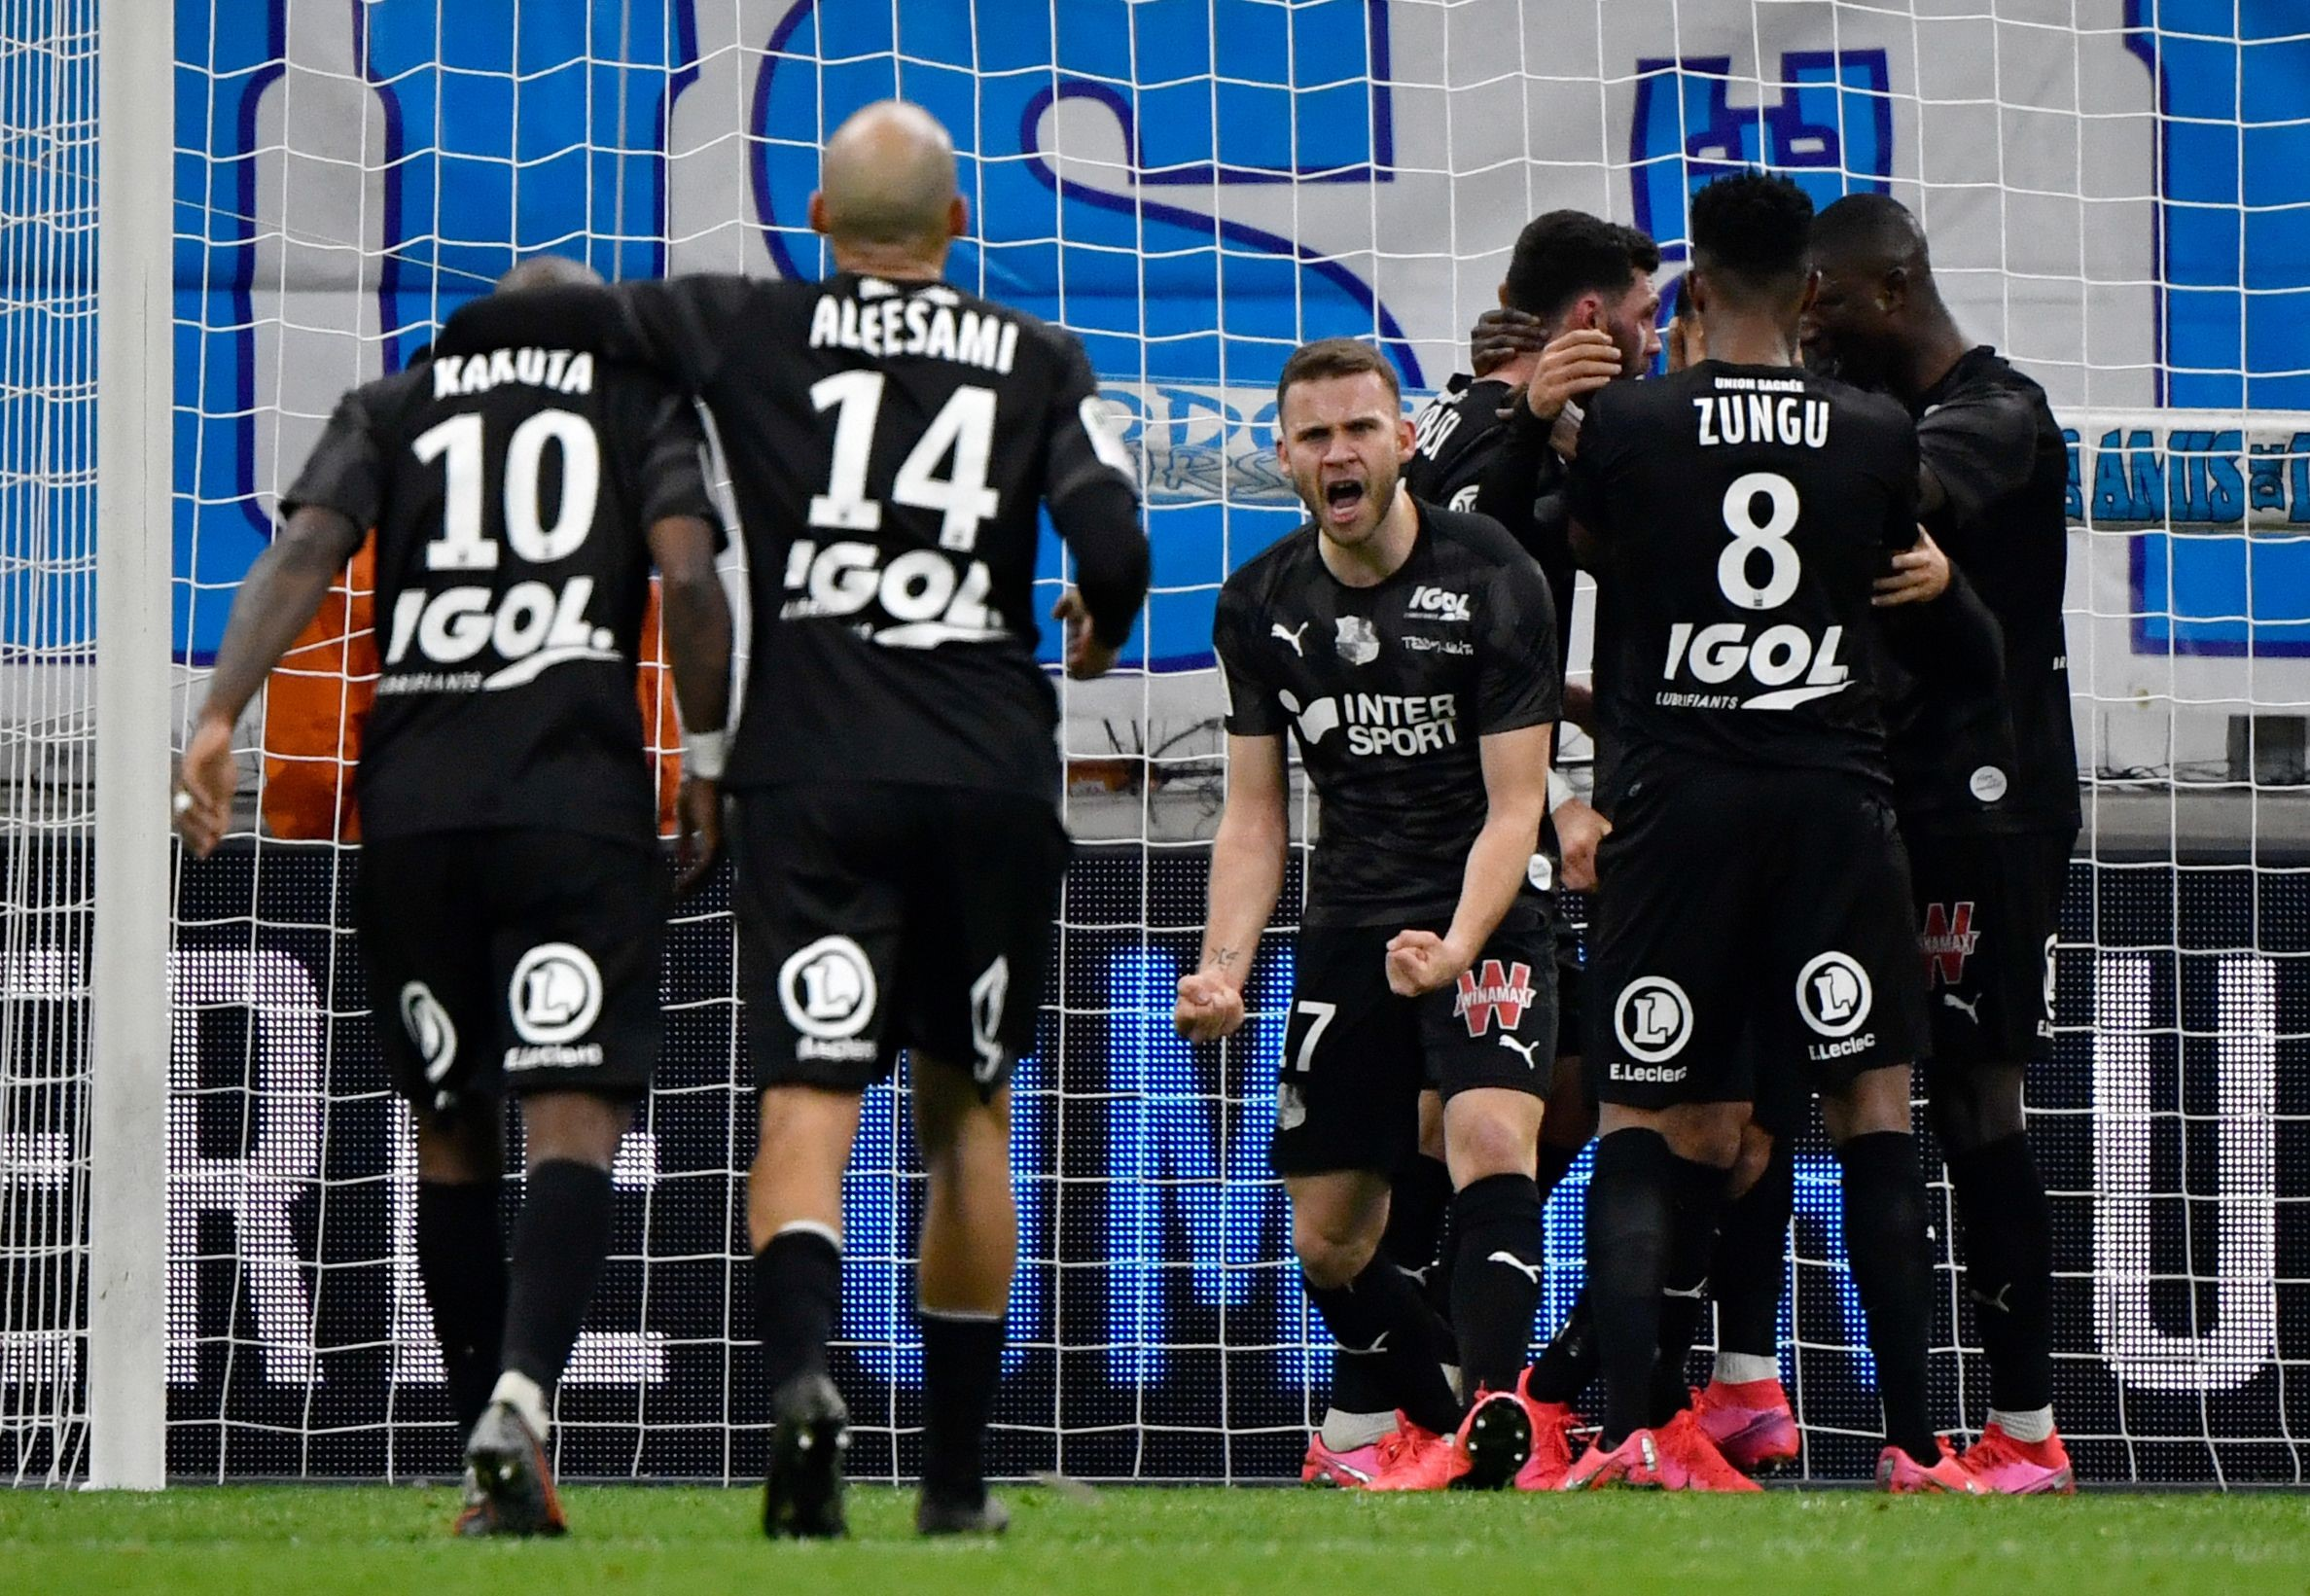 Les joueurs d'Amiens célèbrent un but lors de la rencontre OM-Amiens / Ligue 1